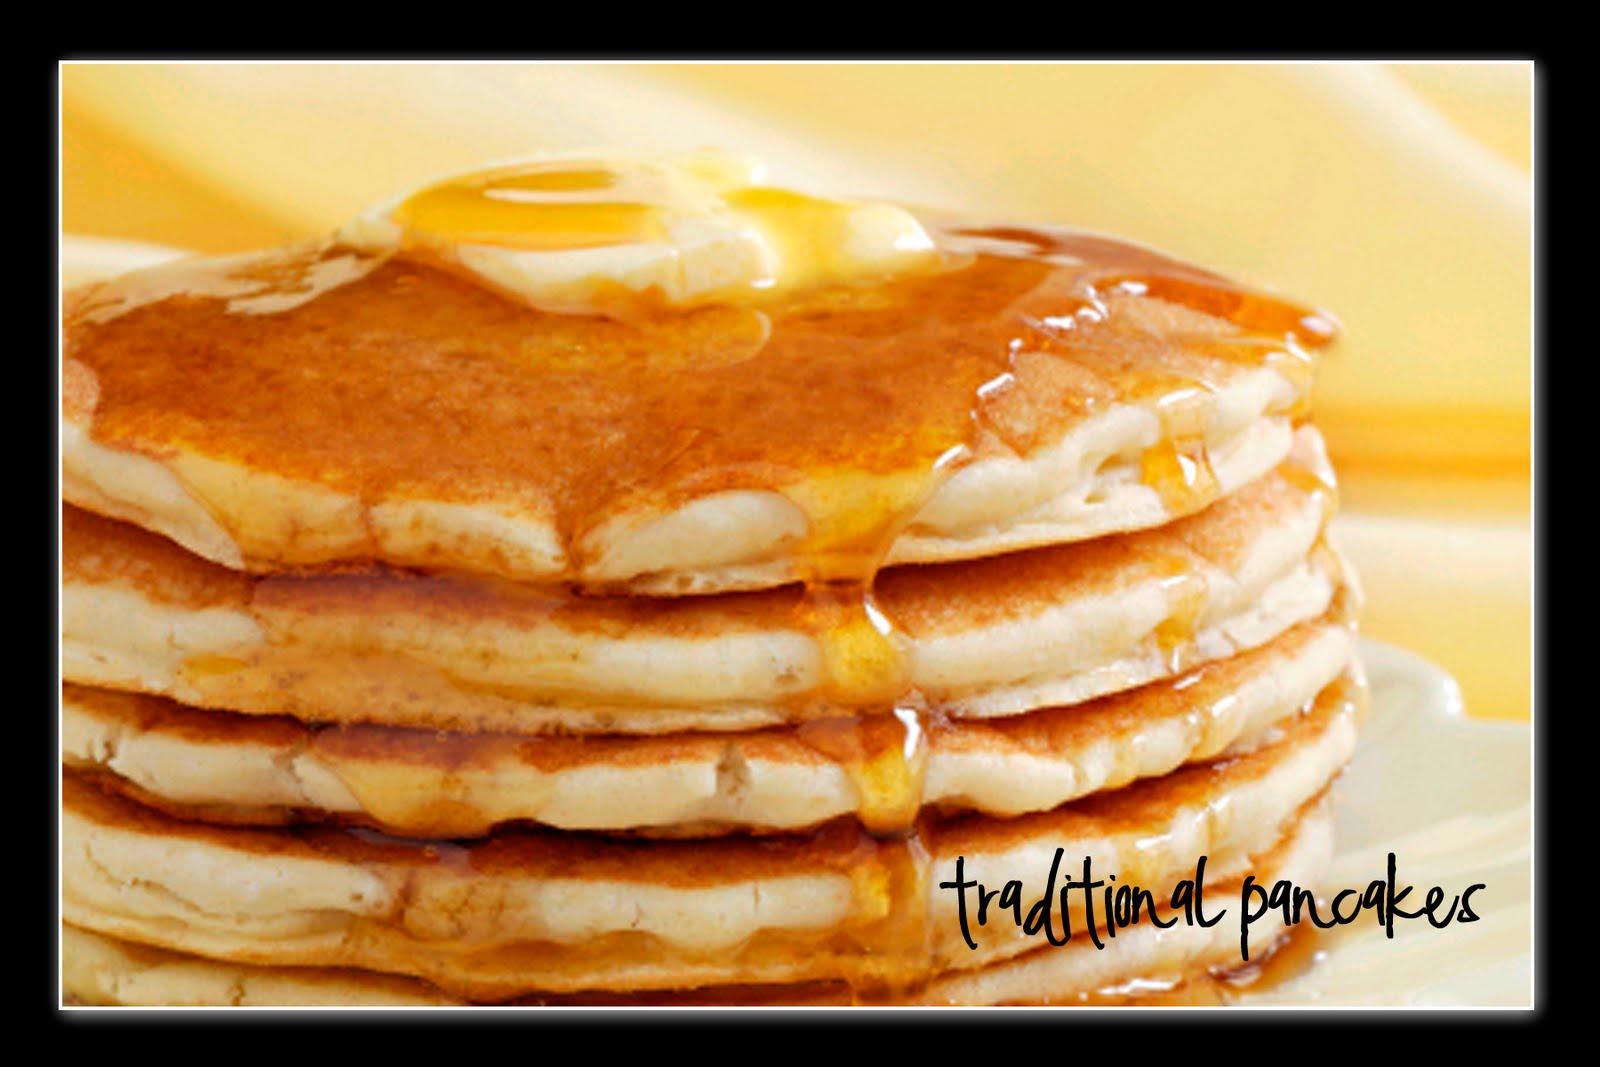 pancakes recipe traditional nan pancake spot mine crocker